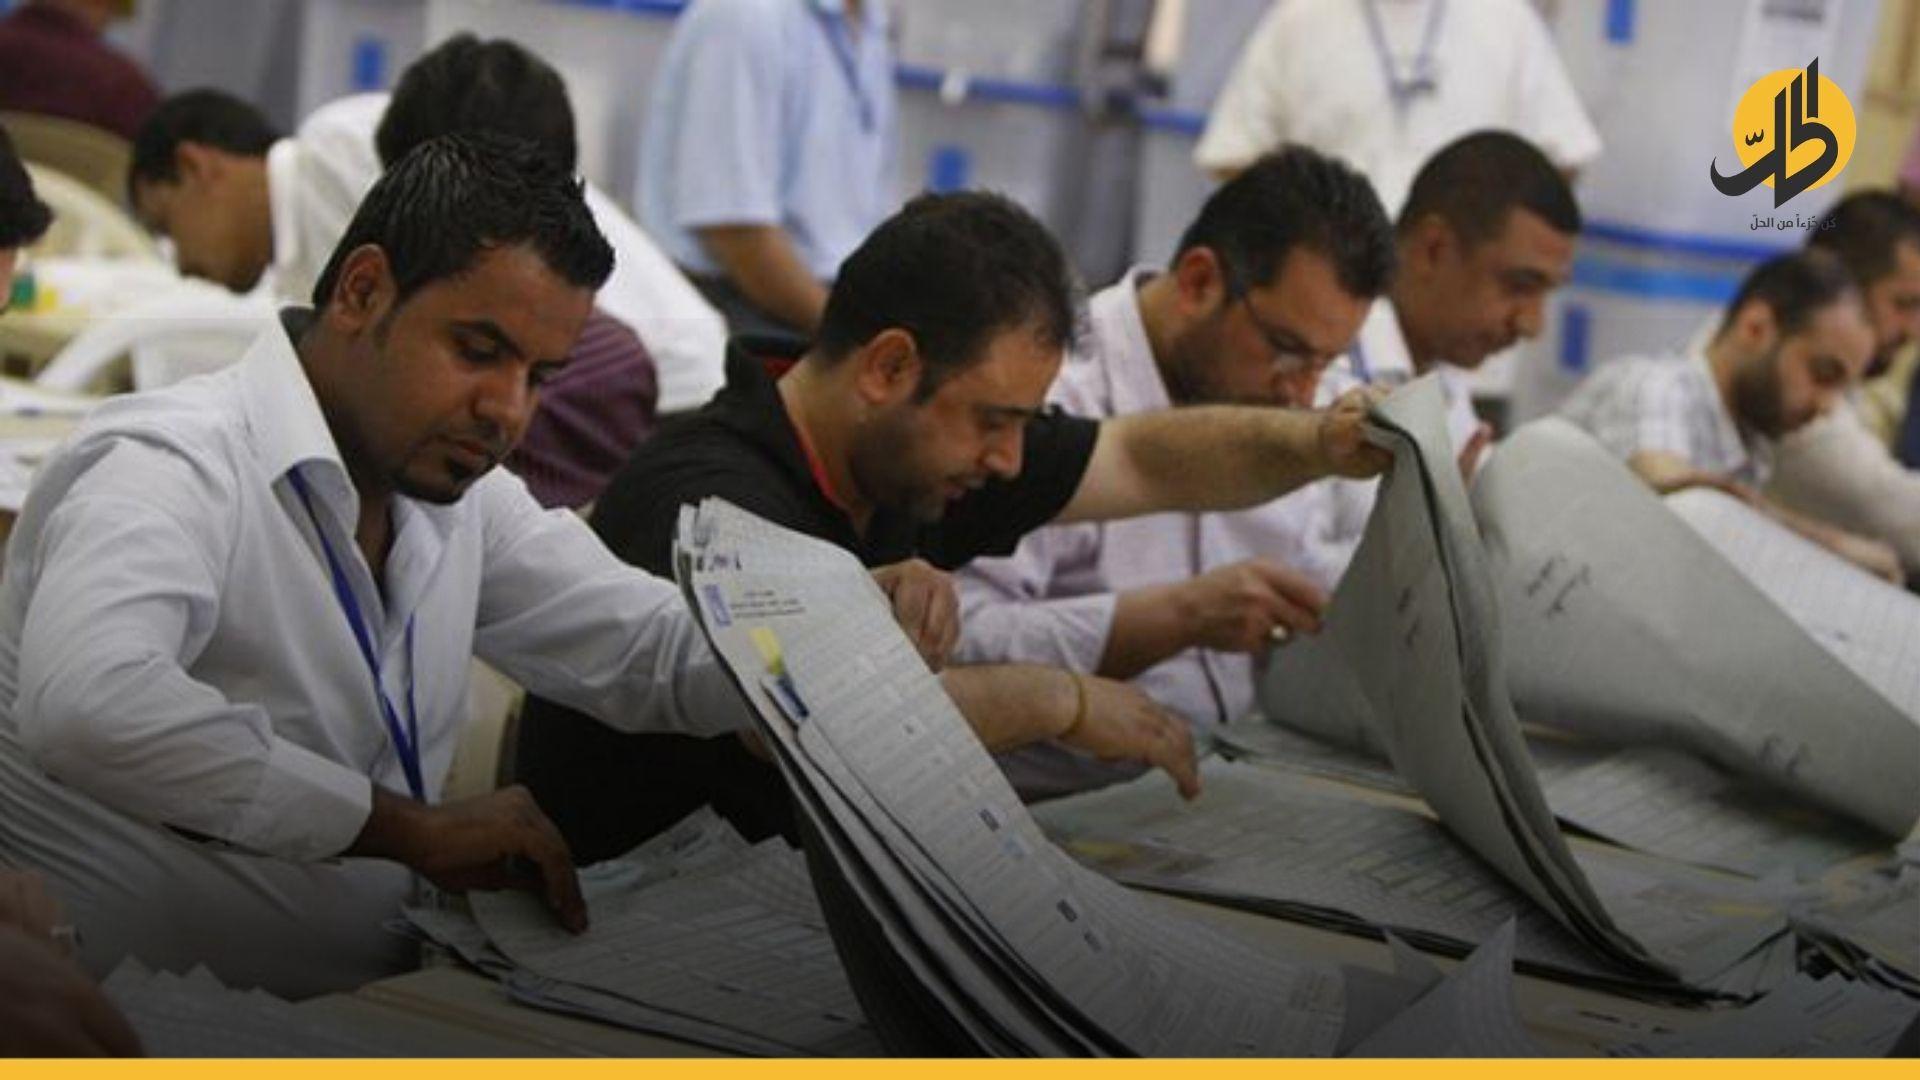 """مُستشار """"الكاظمي"""" يُنهي الجدَل: الانتخابات ستُجرى بموعدها.. الانسحابات لن تدفعنا لتأجيلها"""